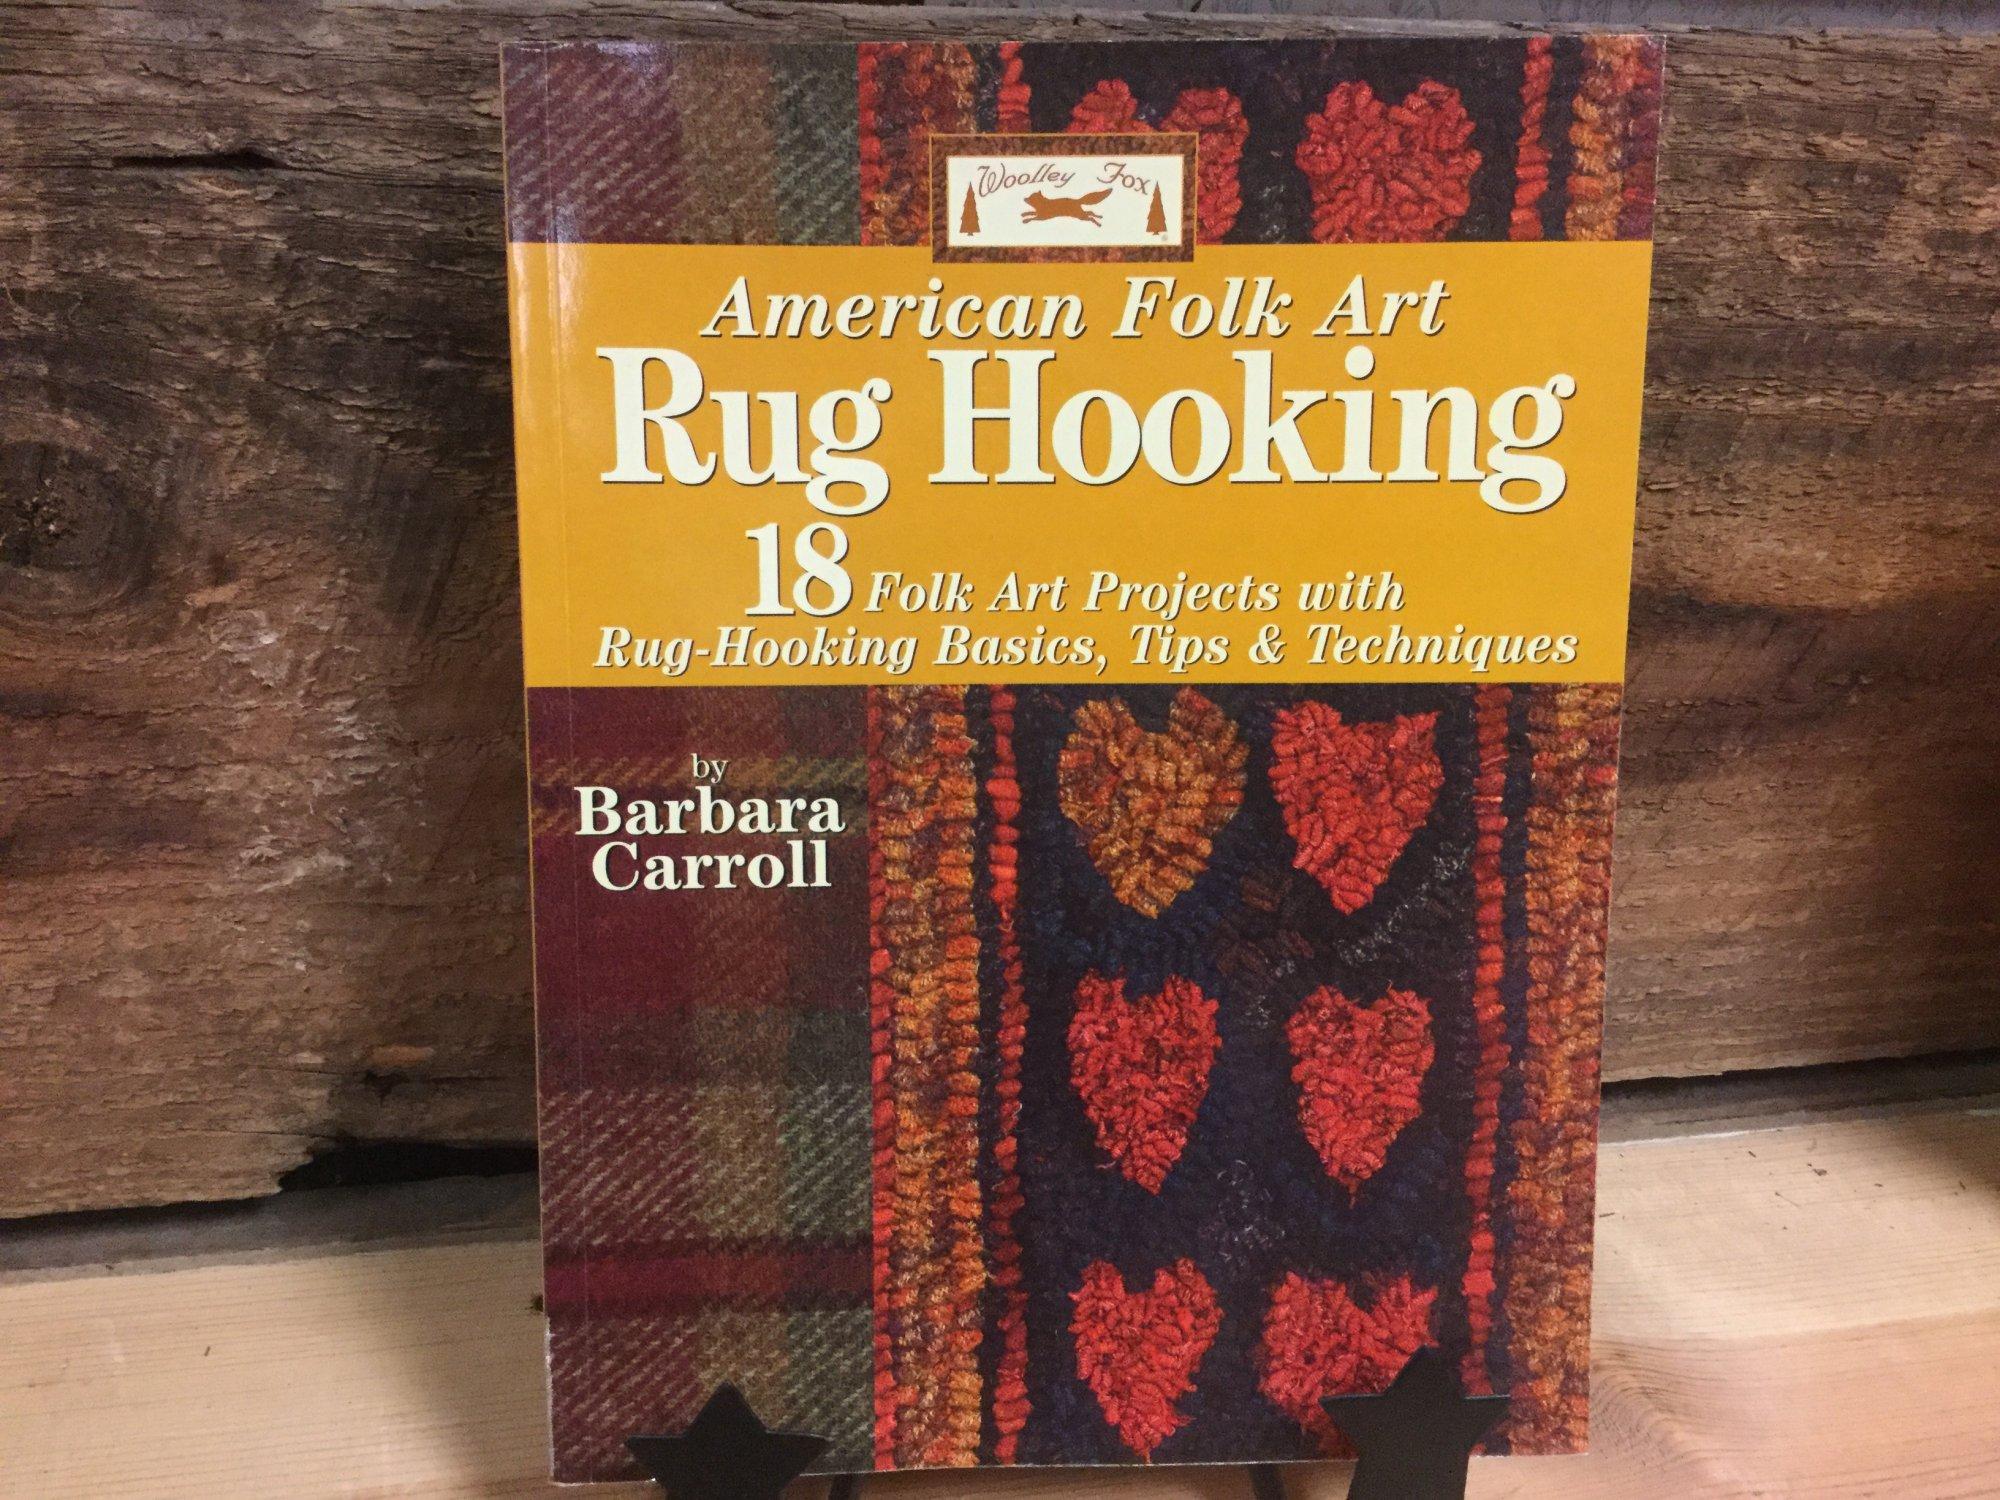 American Folk Art Rug Hooking